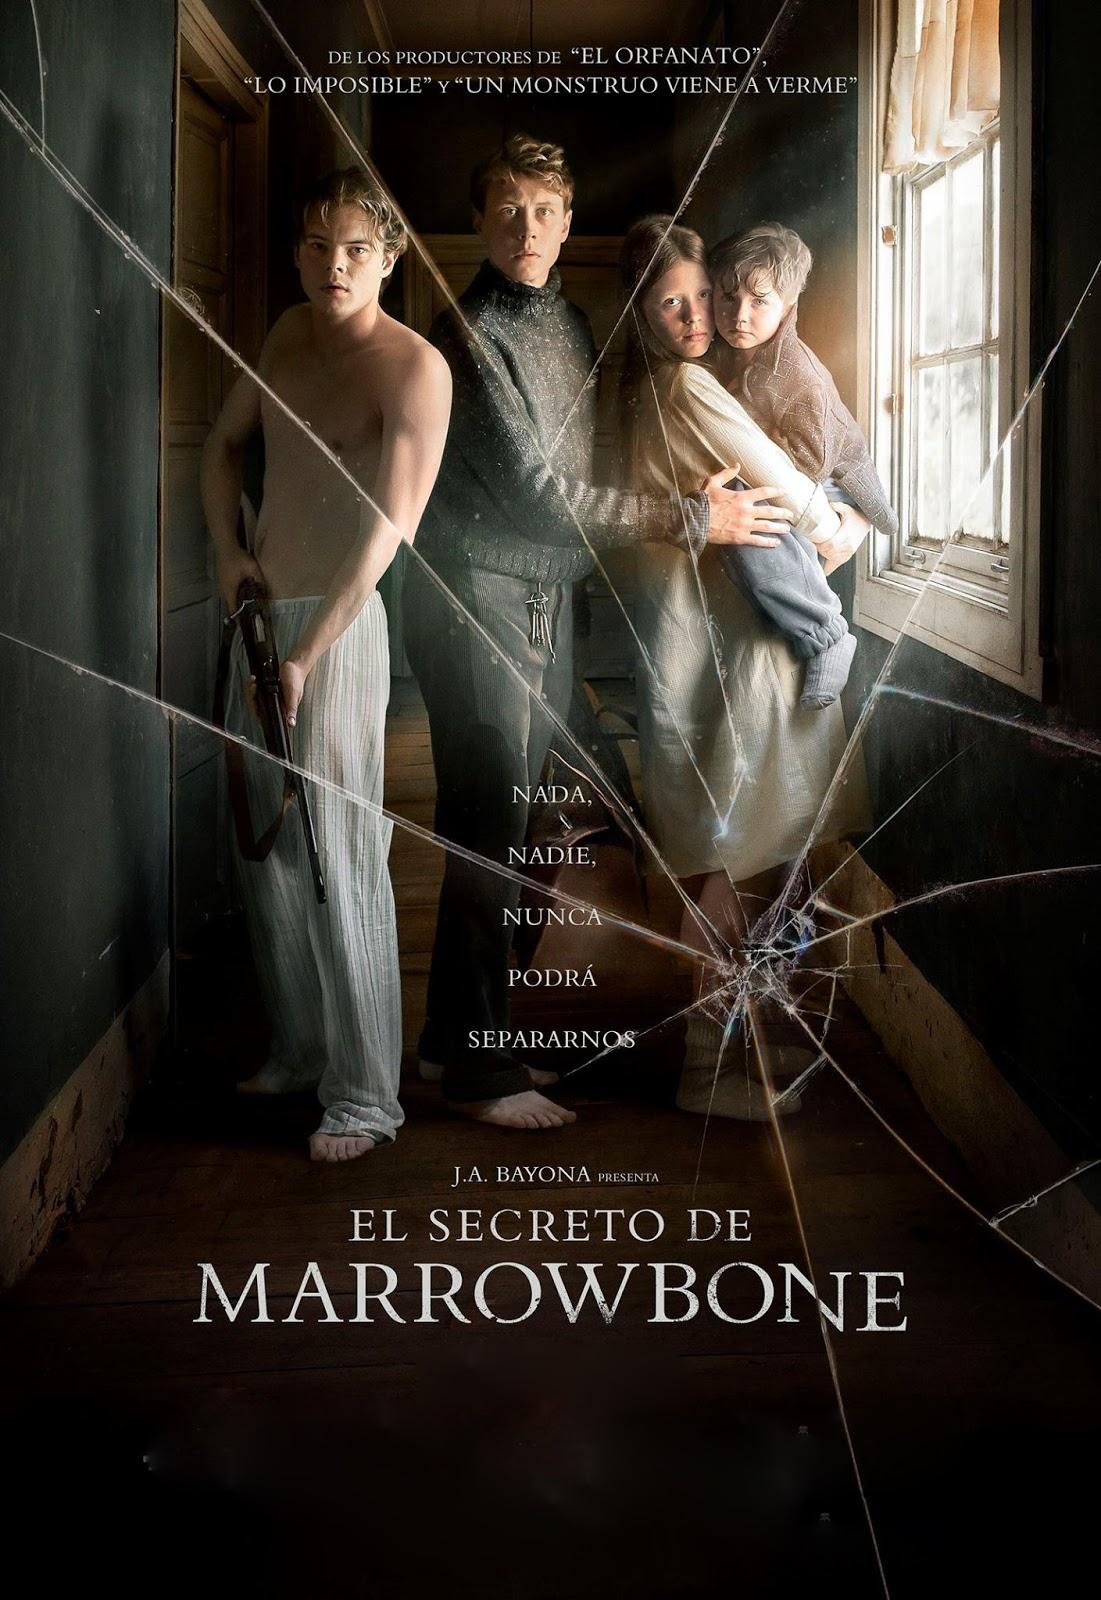 El secreto de Marrowbone [2017] [DVDR] [NTSC] [Subtitulado]